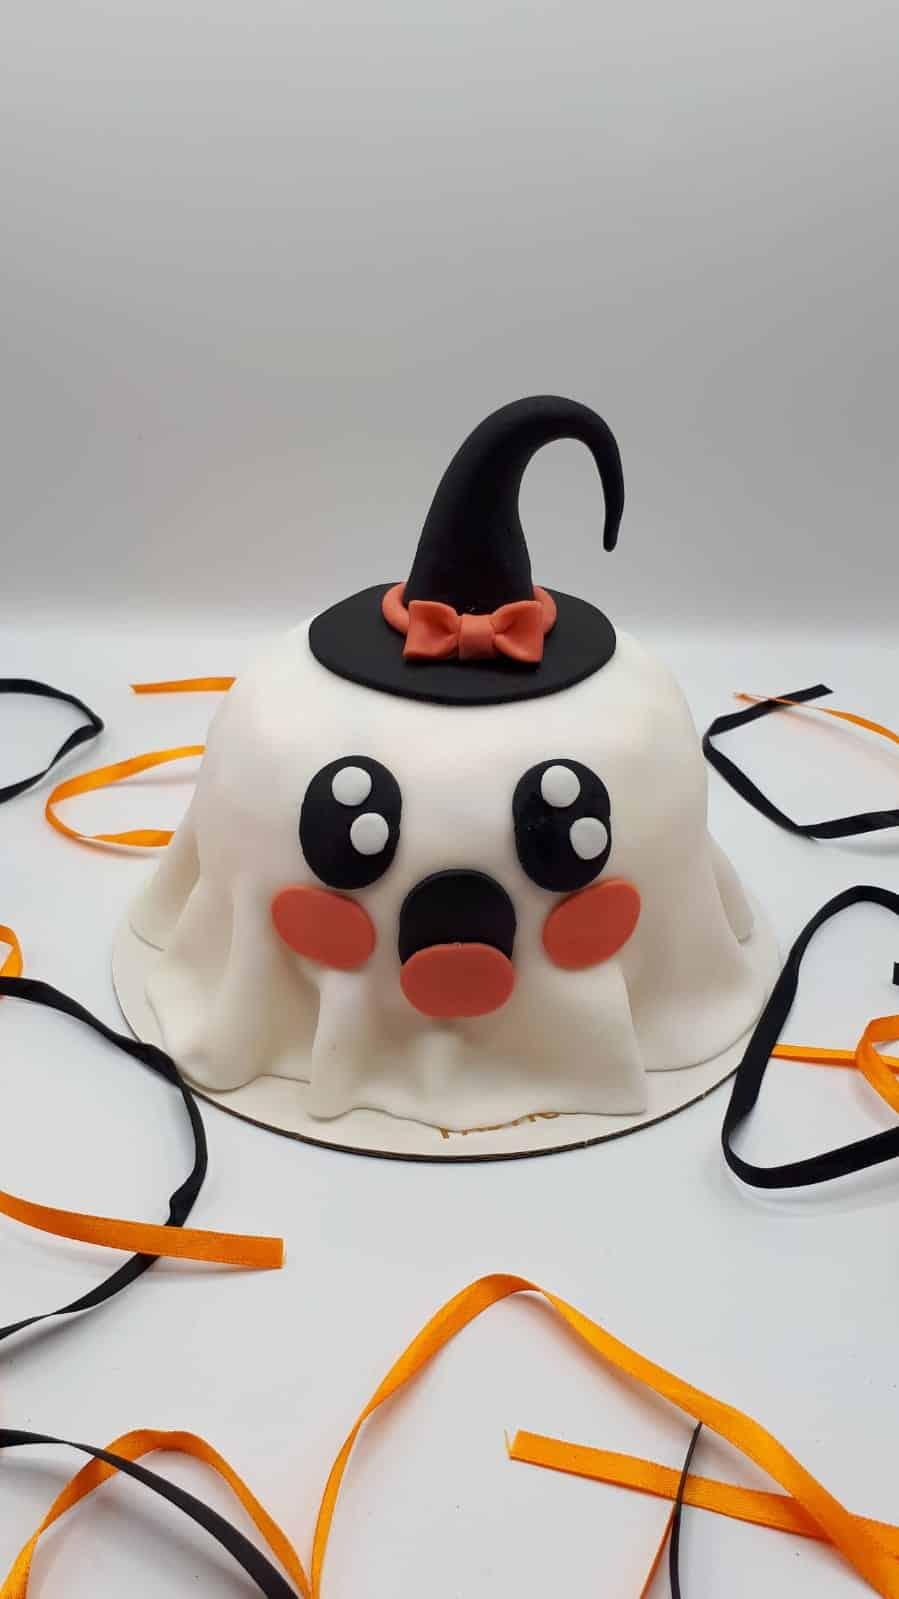 torta_personalizzata (18)